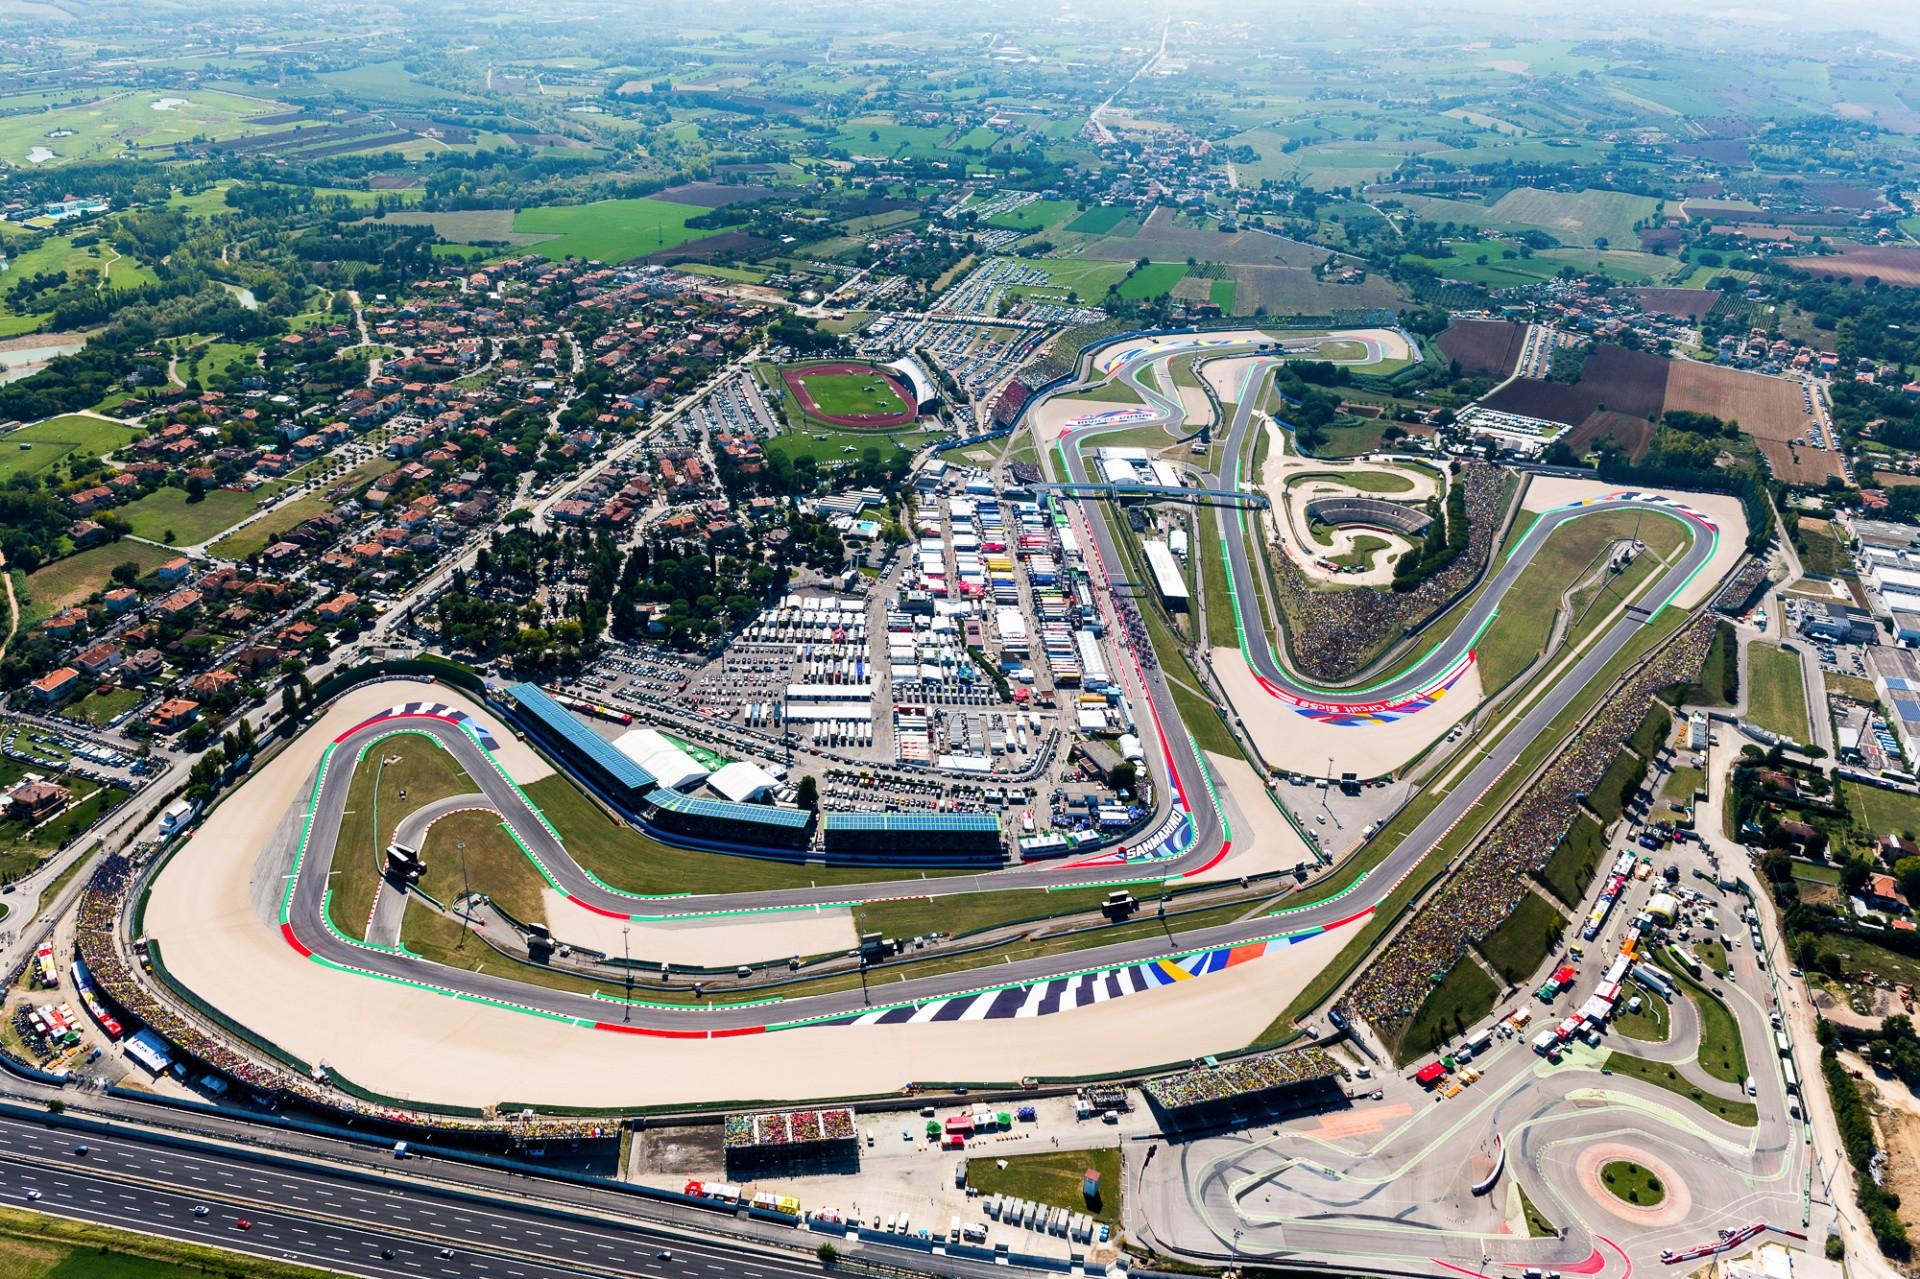 Uno dei circuiti a cui gli appassionati di motori sono più legati: il World Circuit di Misano Adriatico.